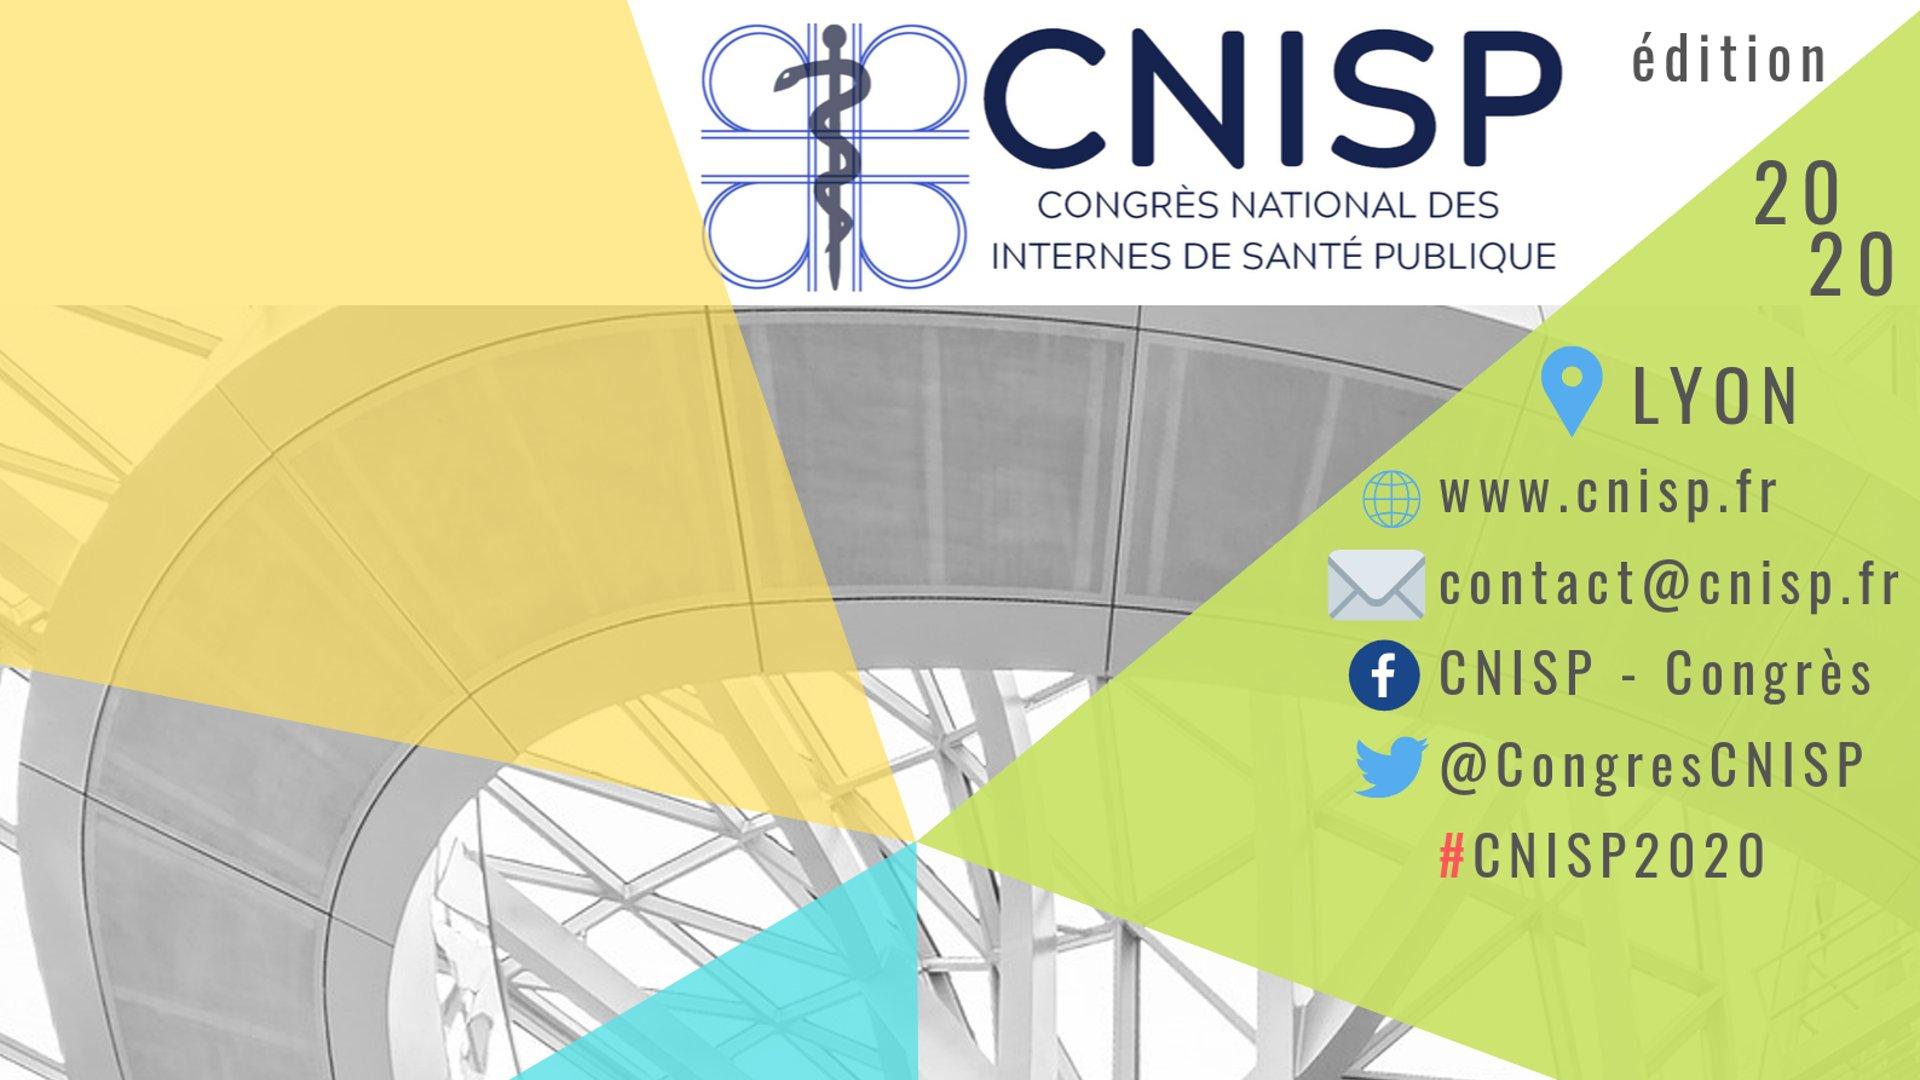 CNISP 2020